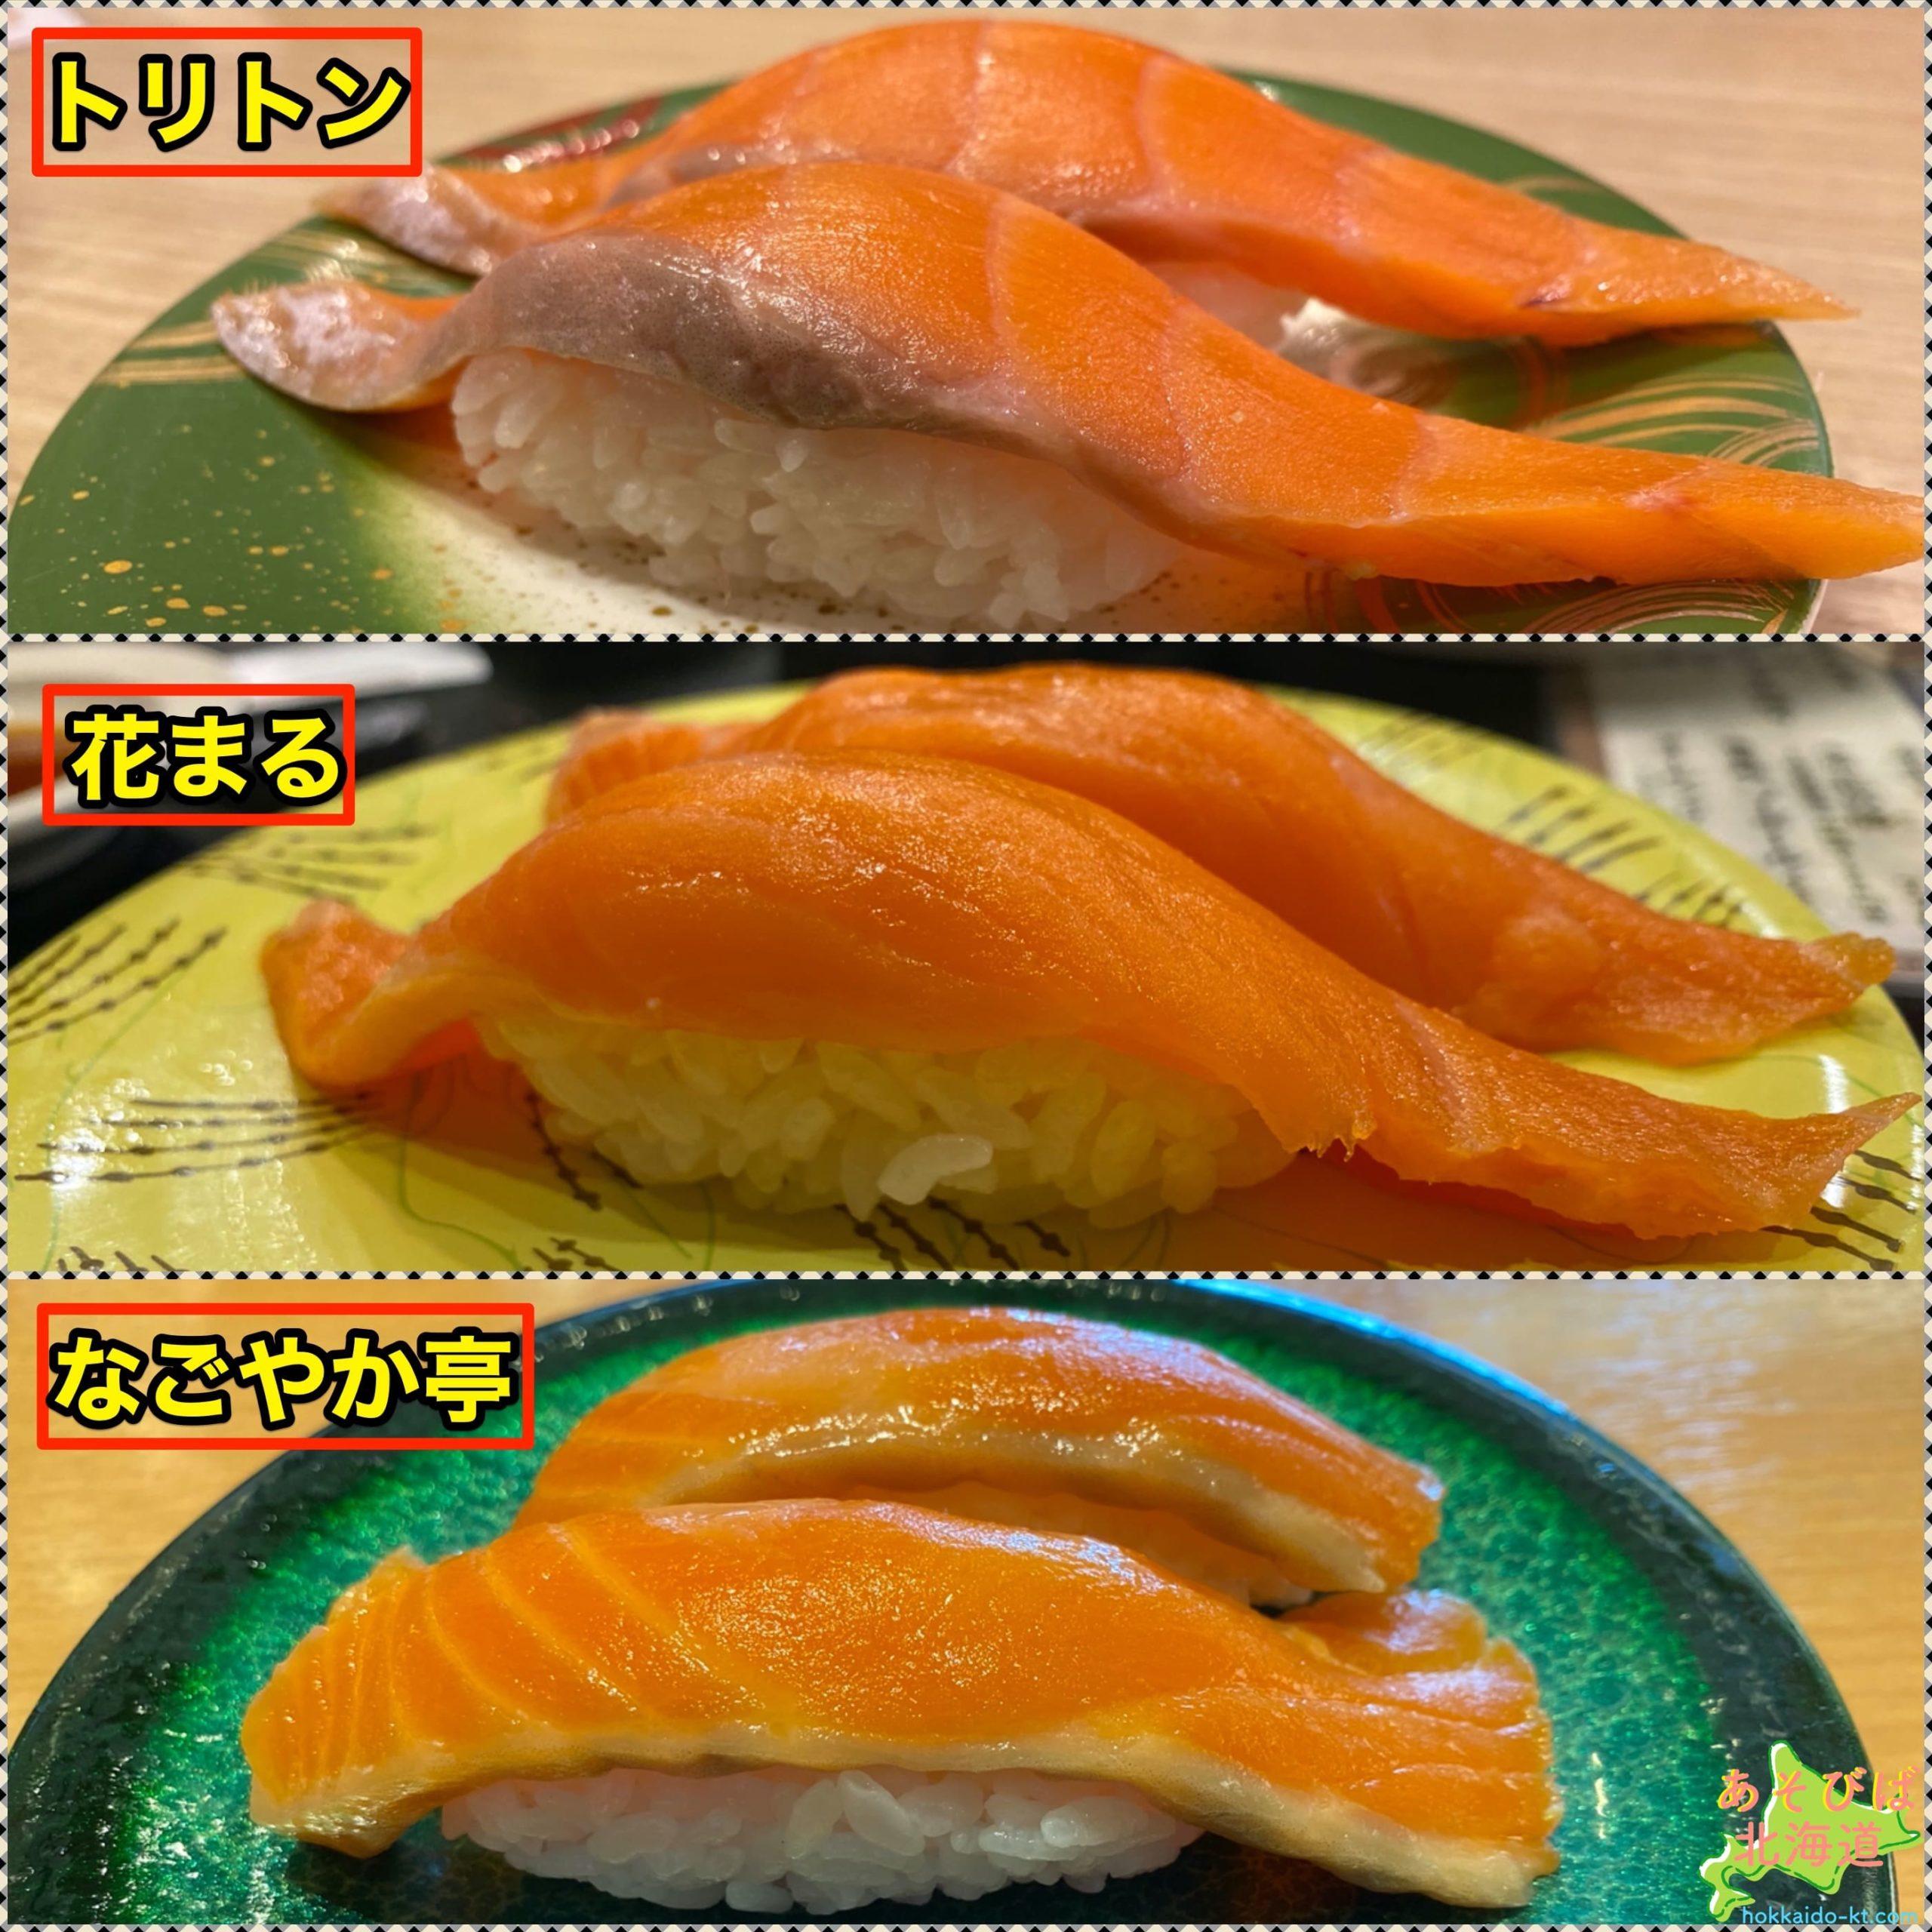 札幌回転寿司サーモン比較